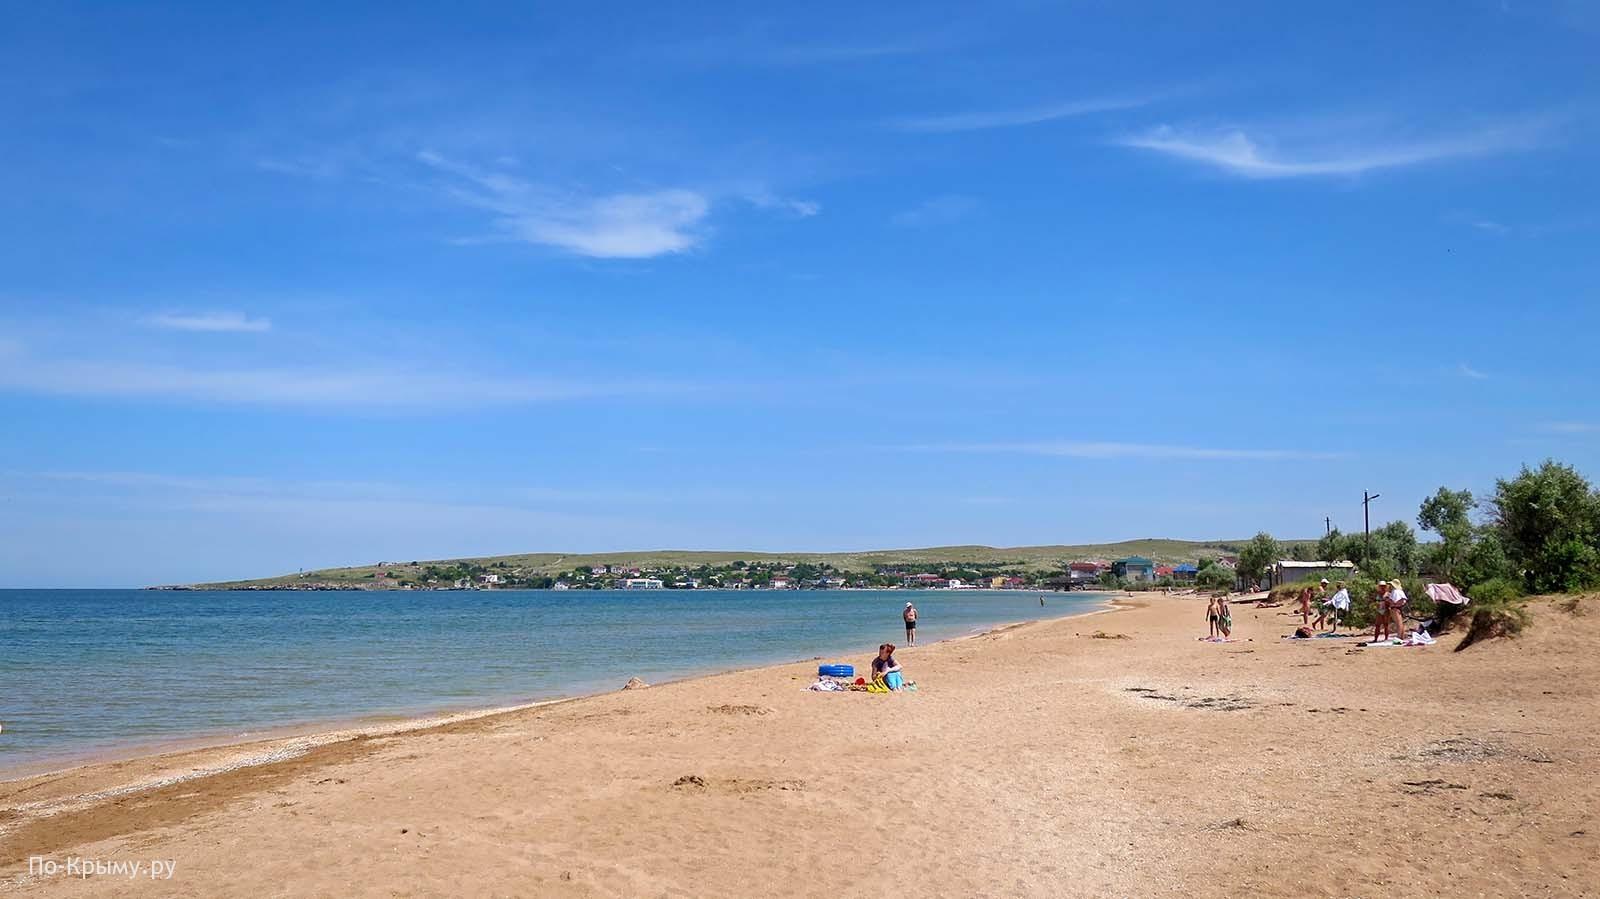 Песчано-ракушечный пляж города Щелкино